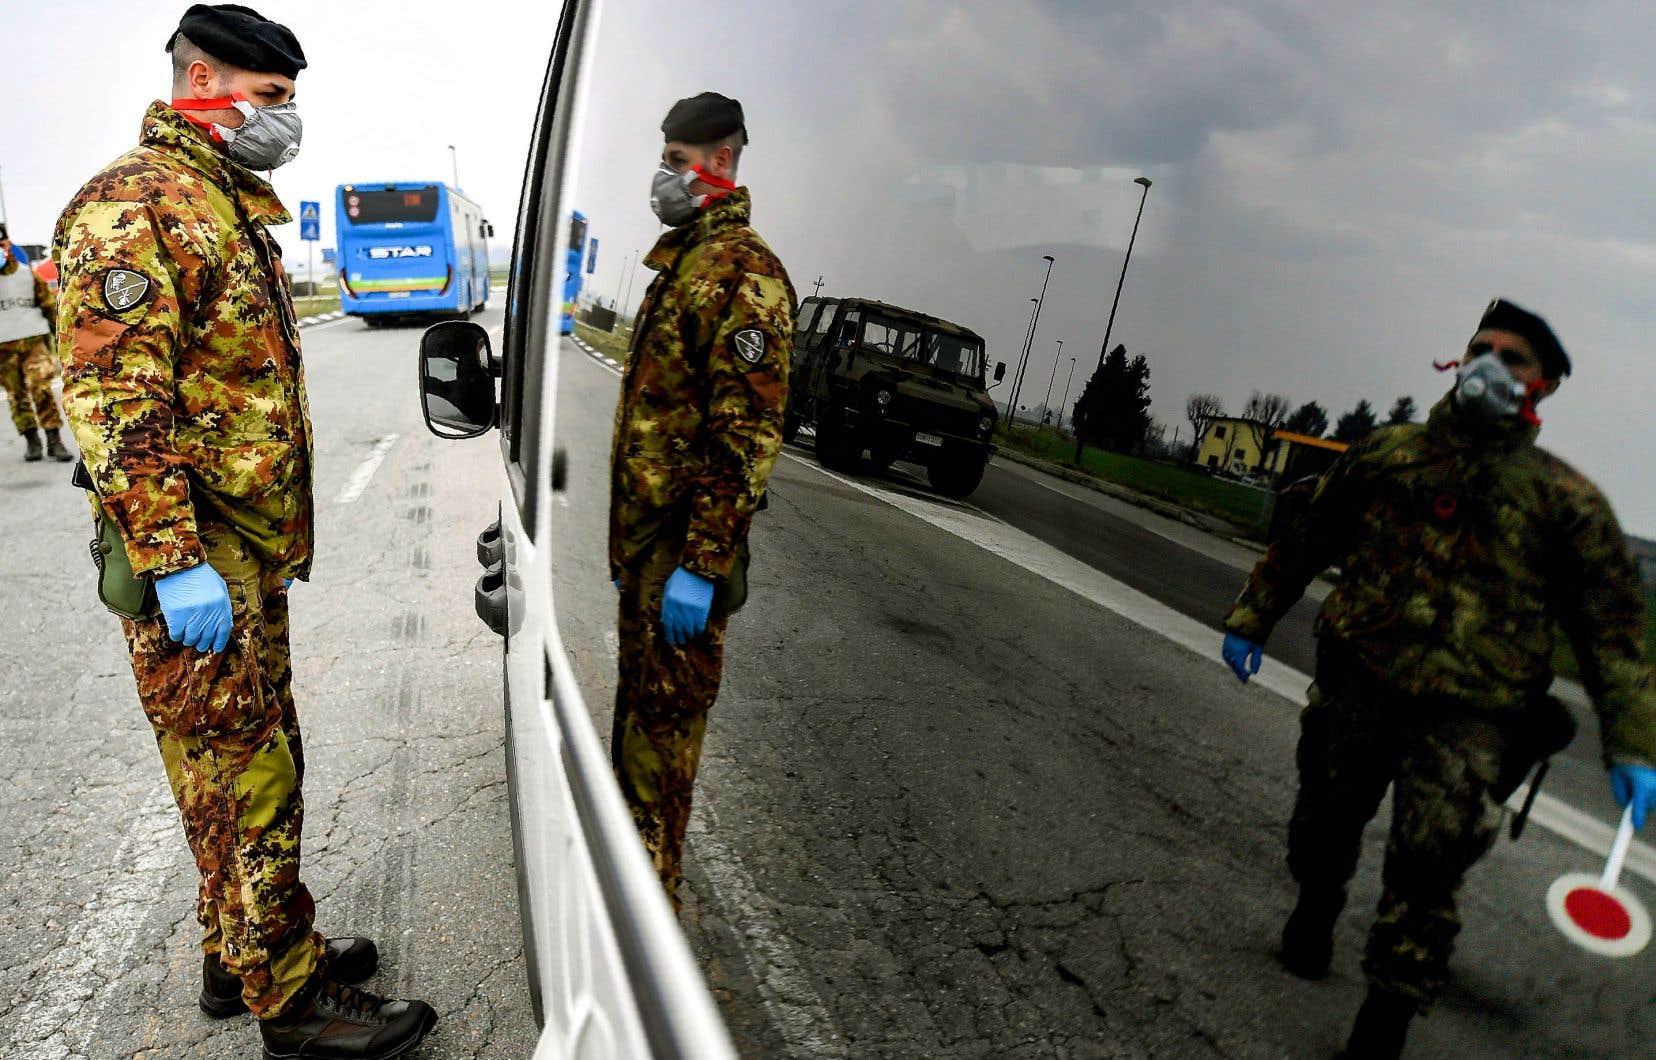 Des soldats de l'armée italienne portant un masque contrôlaient le transit routier à destination et en provenance de zones bouclées près de Turano Lodigiano, dans le nord de l'Italie, mardi. Près de 300 personnes auraient à ce jour été contaminées, selon un bilan récent.